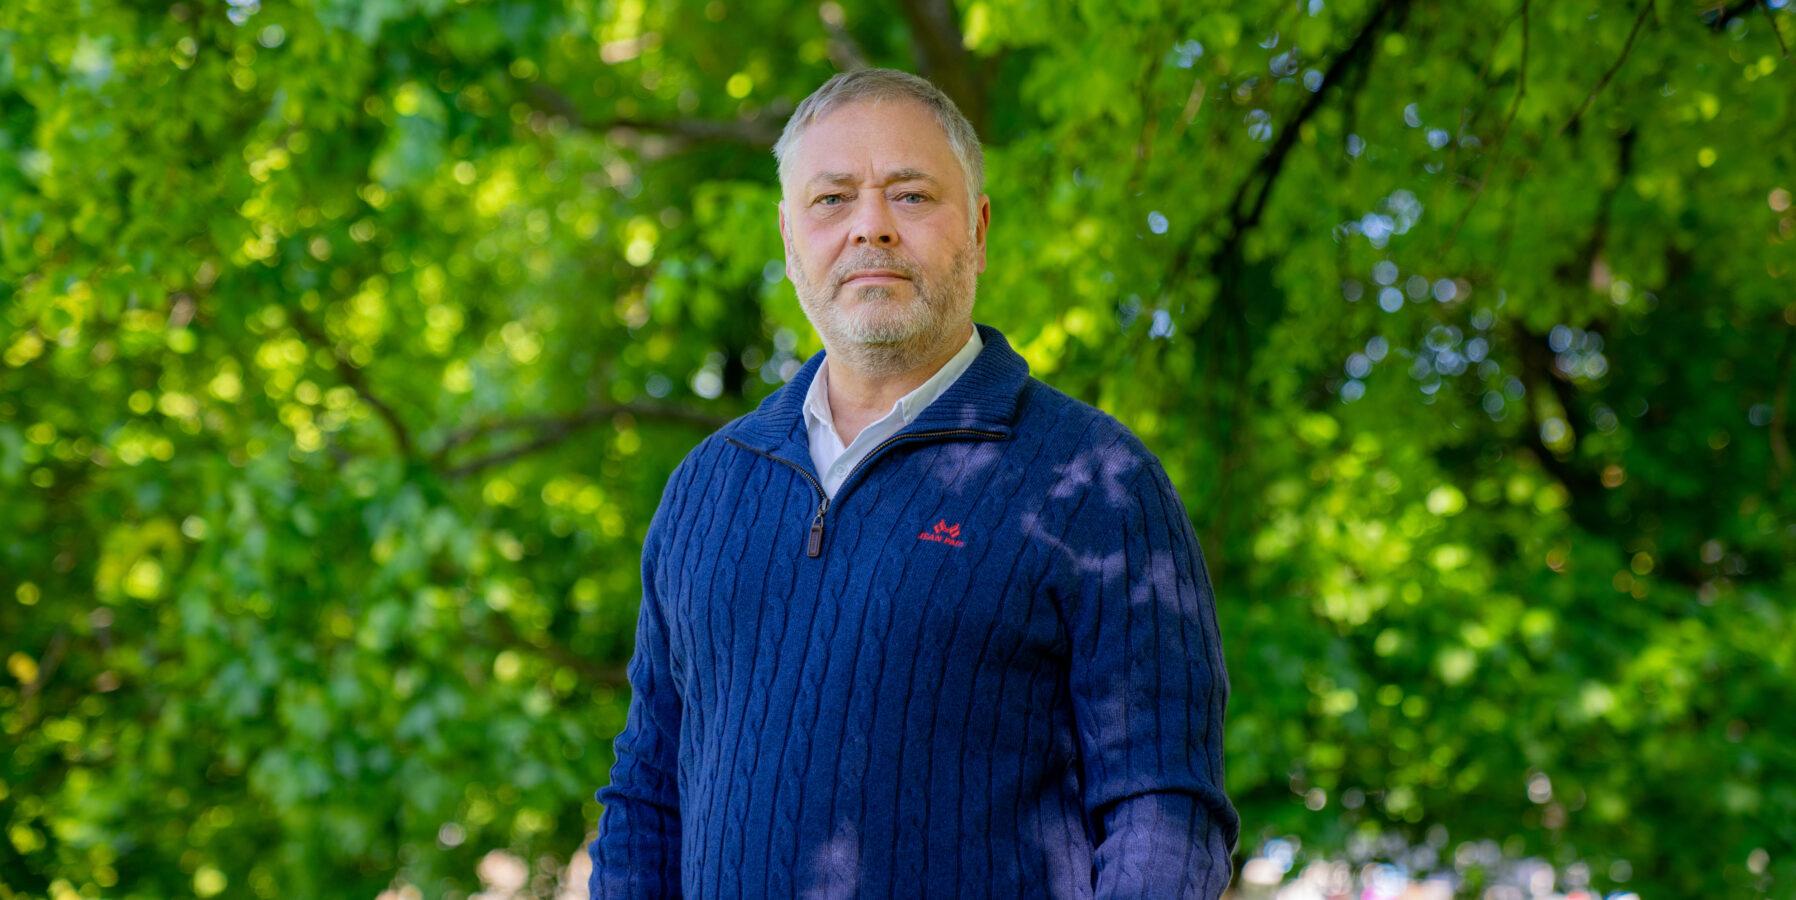 YS-leder Erik KOllerud i blå genser mot grønne trær i bakgrunnen.